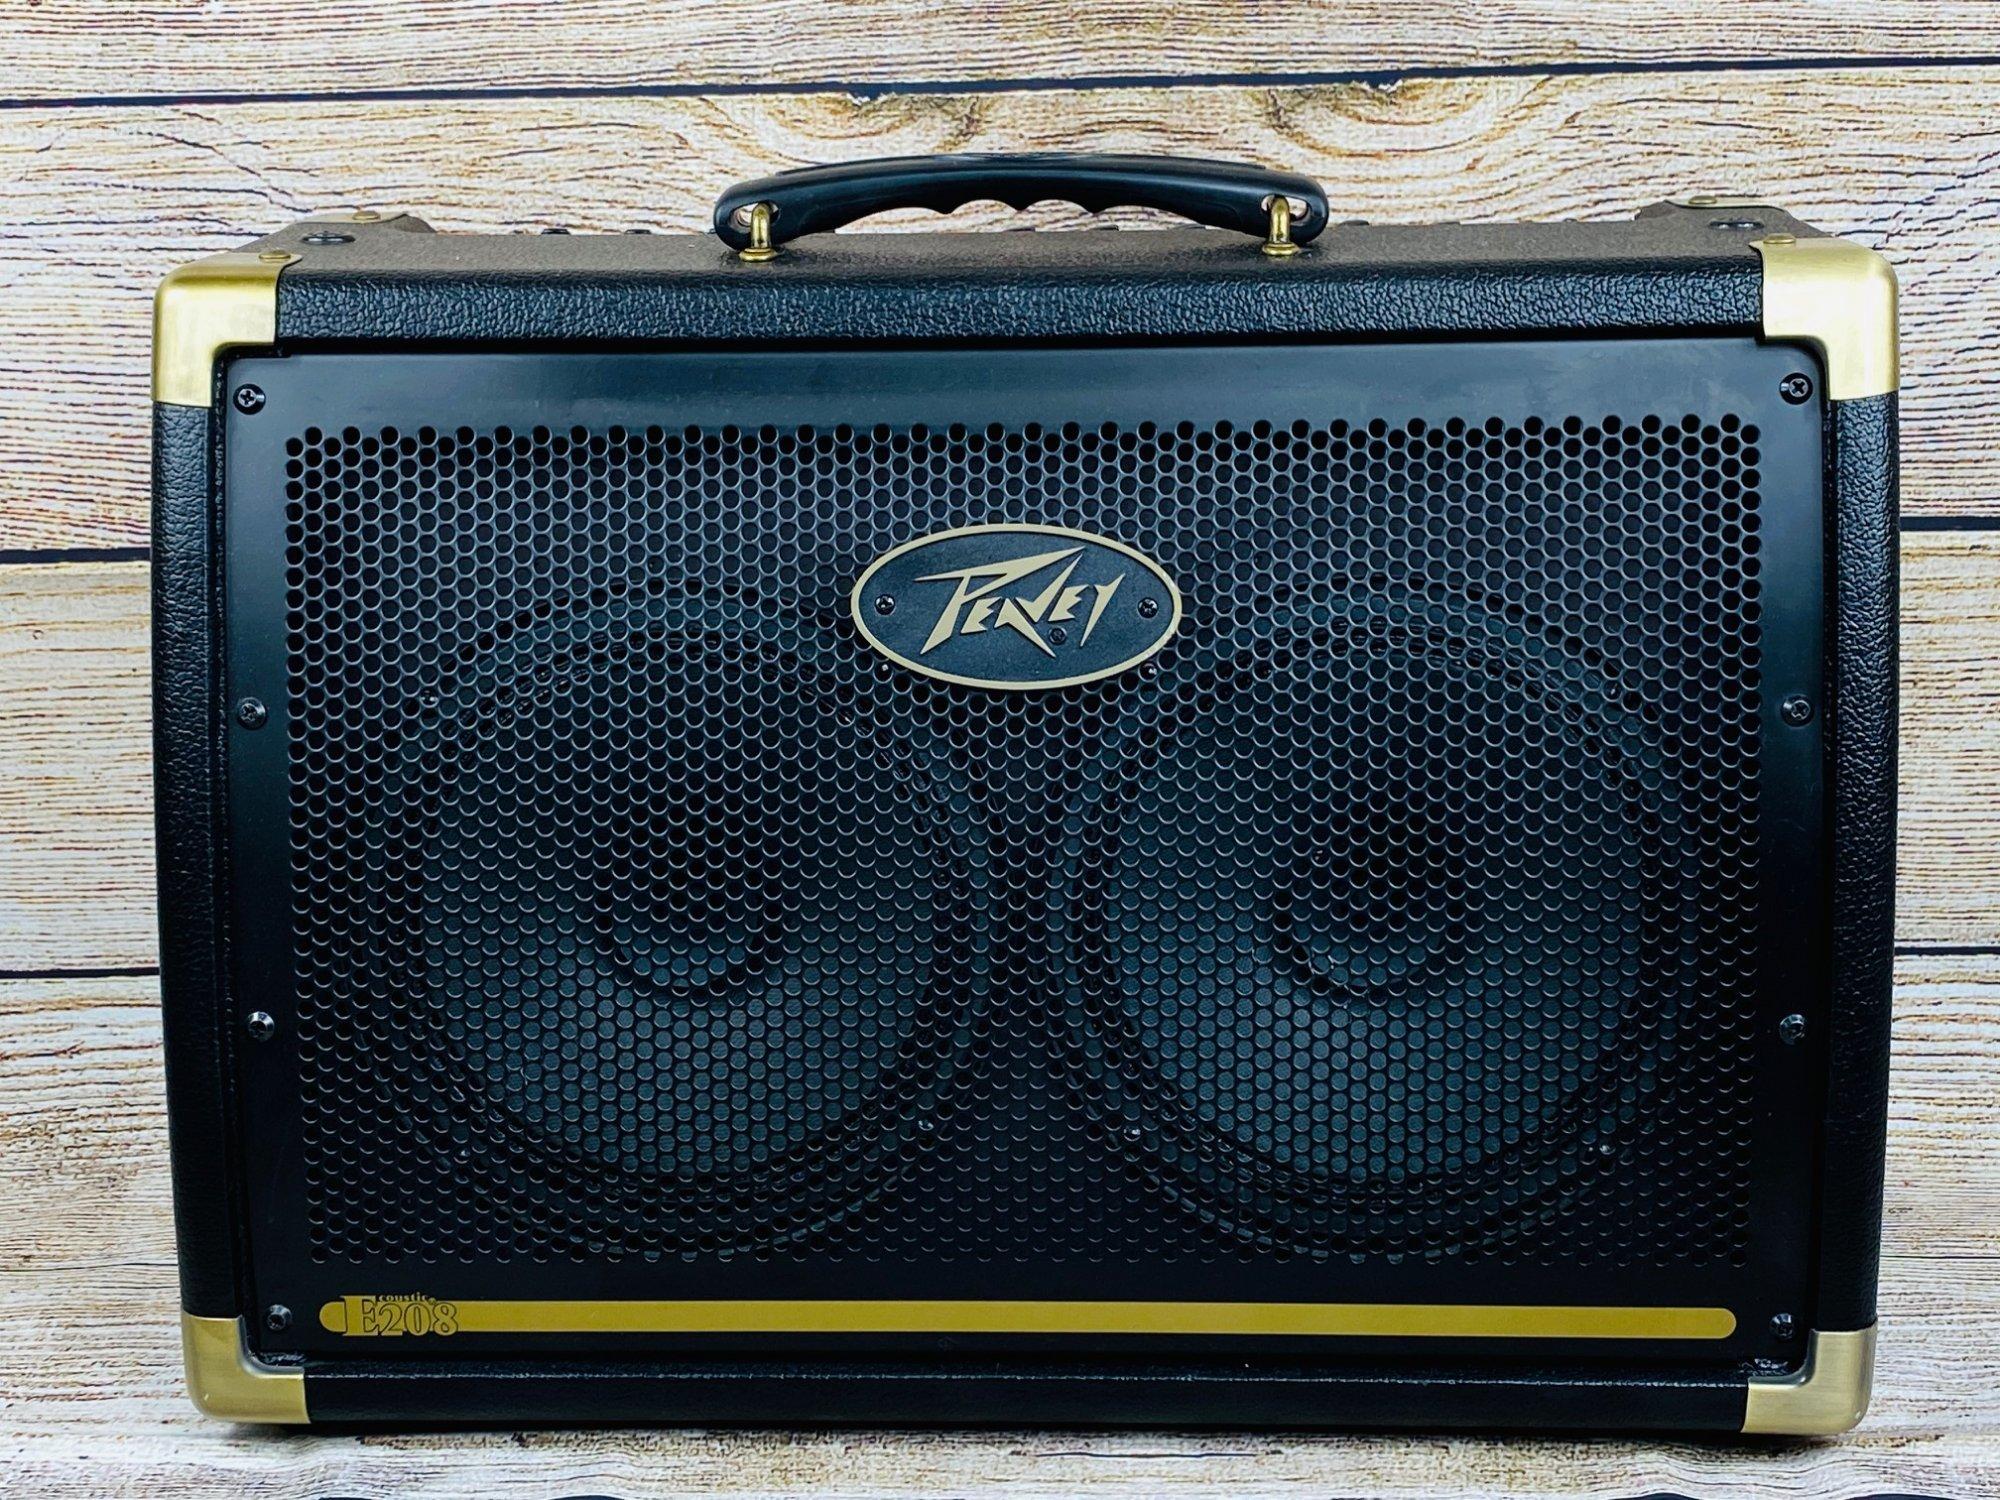 Peavey Ecoustic E208 30-watt 2x8 Acoustic Combo Amp